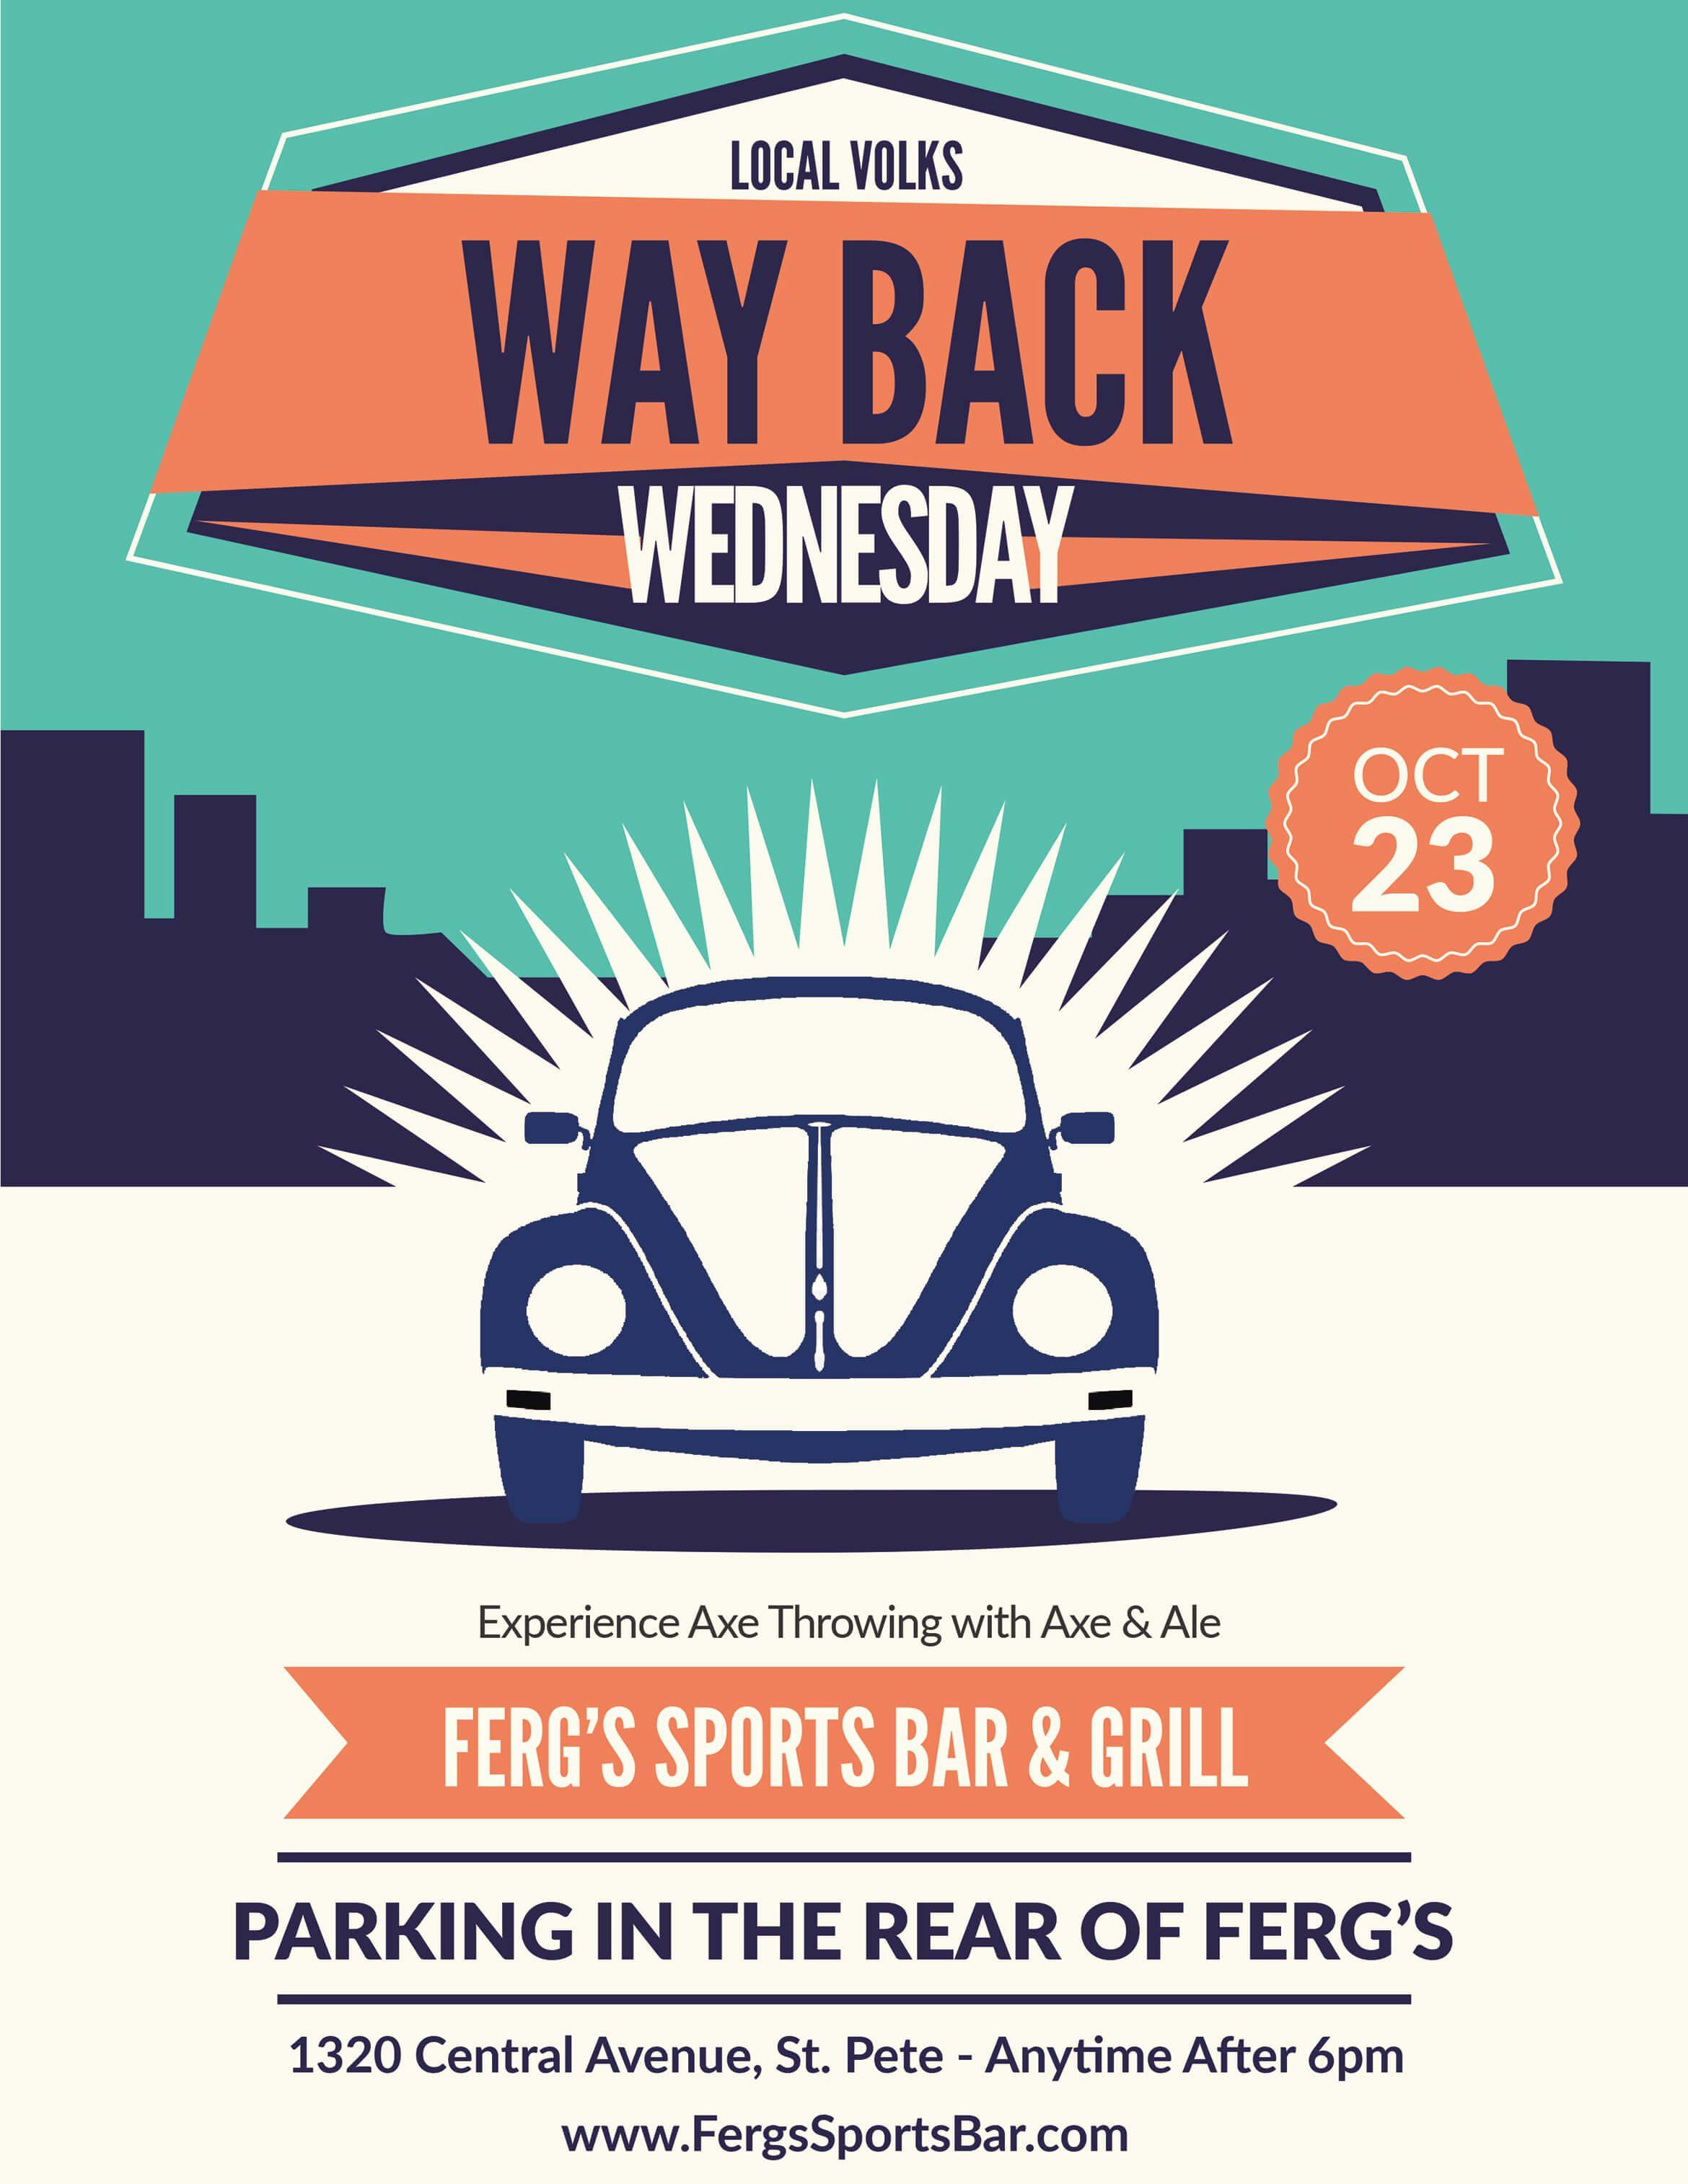 Ferg's WayBack Wednesday